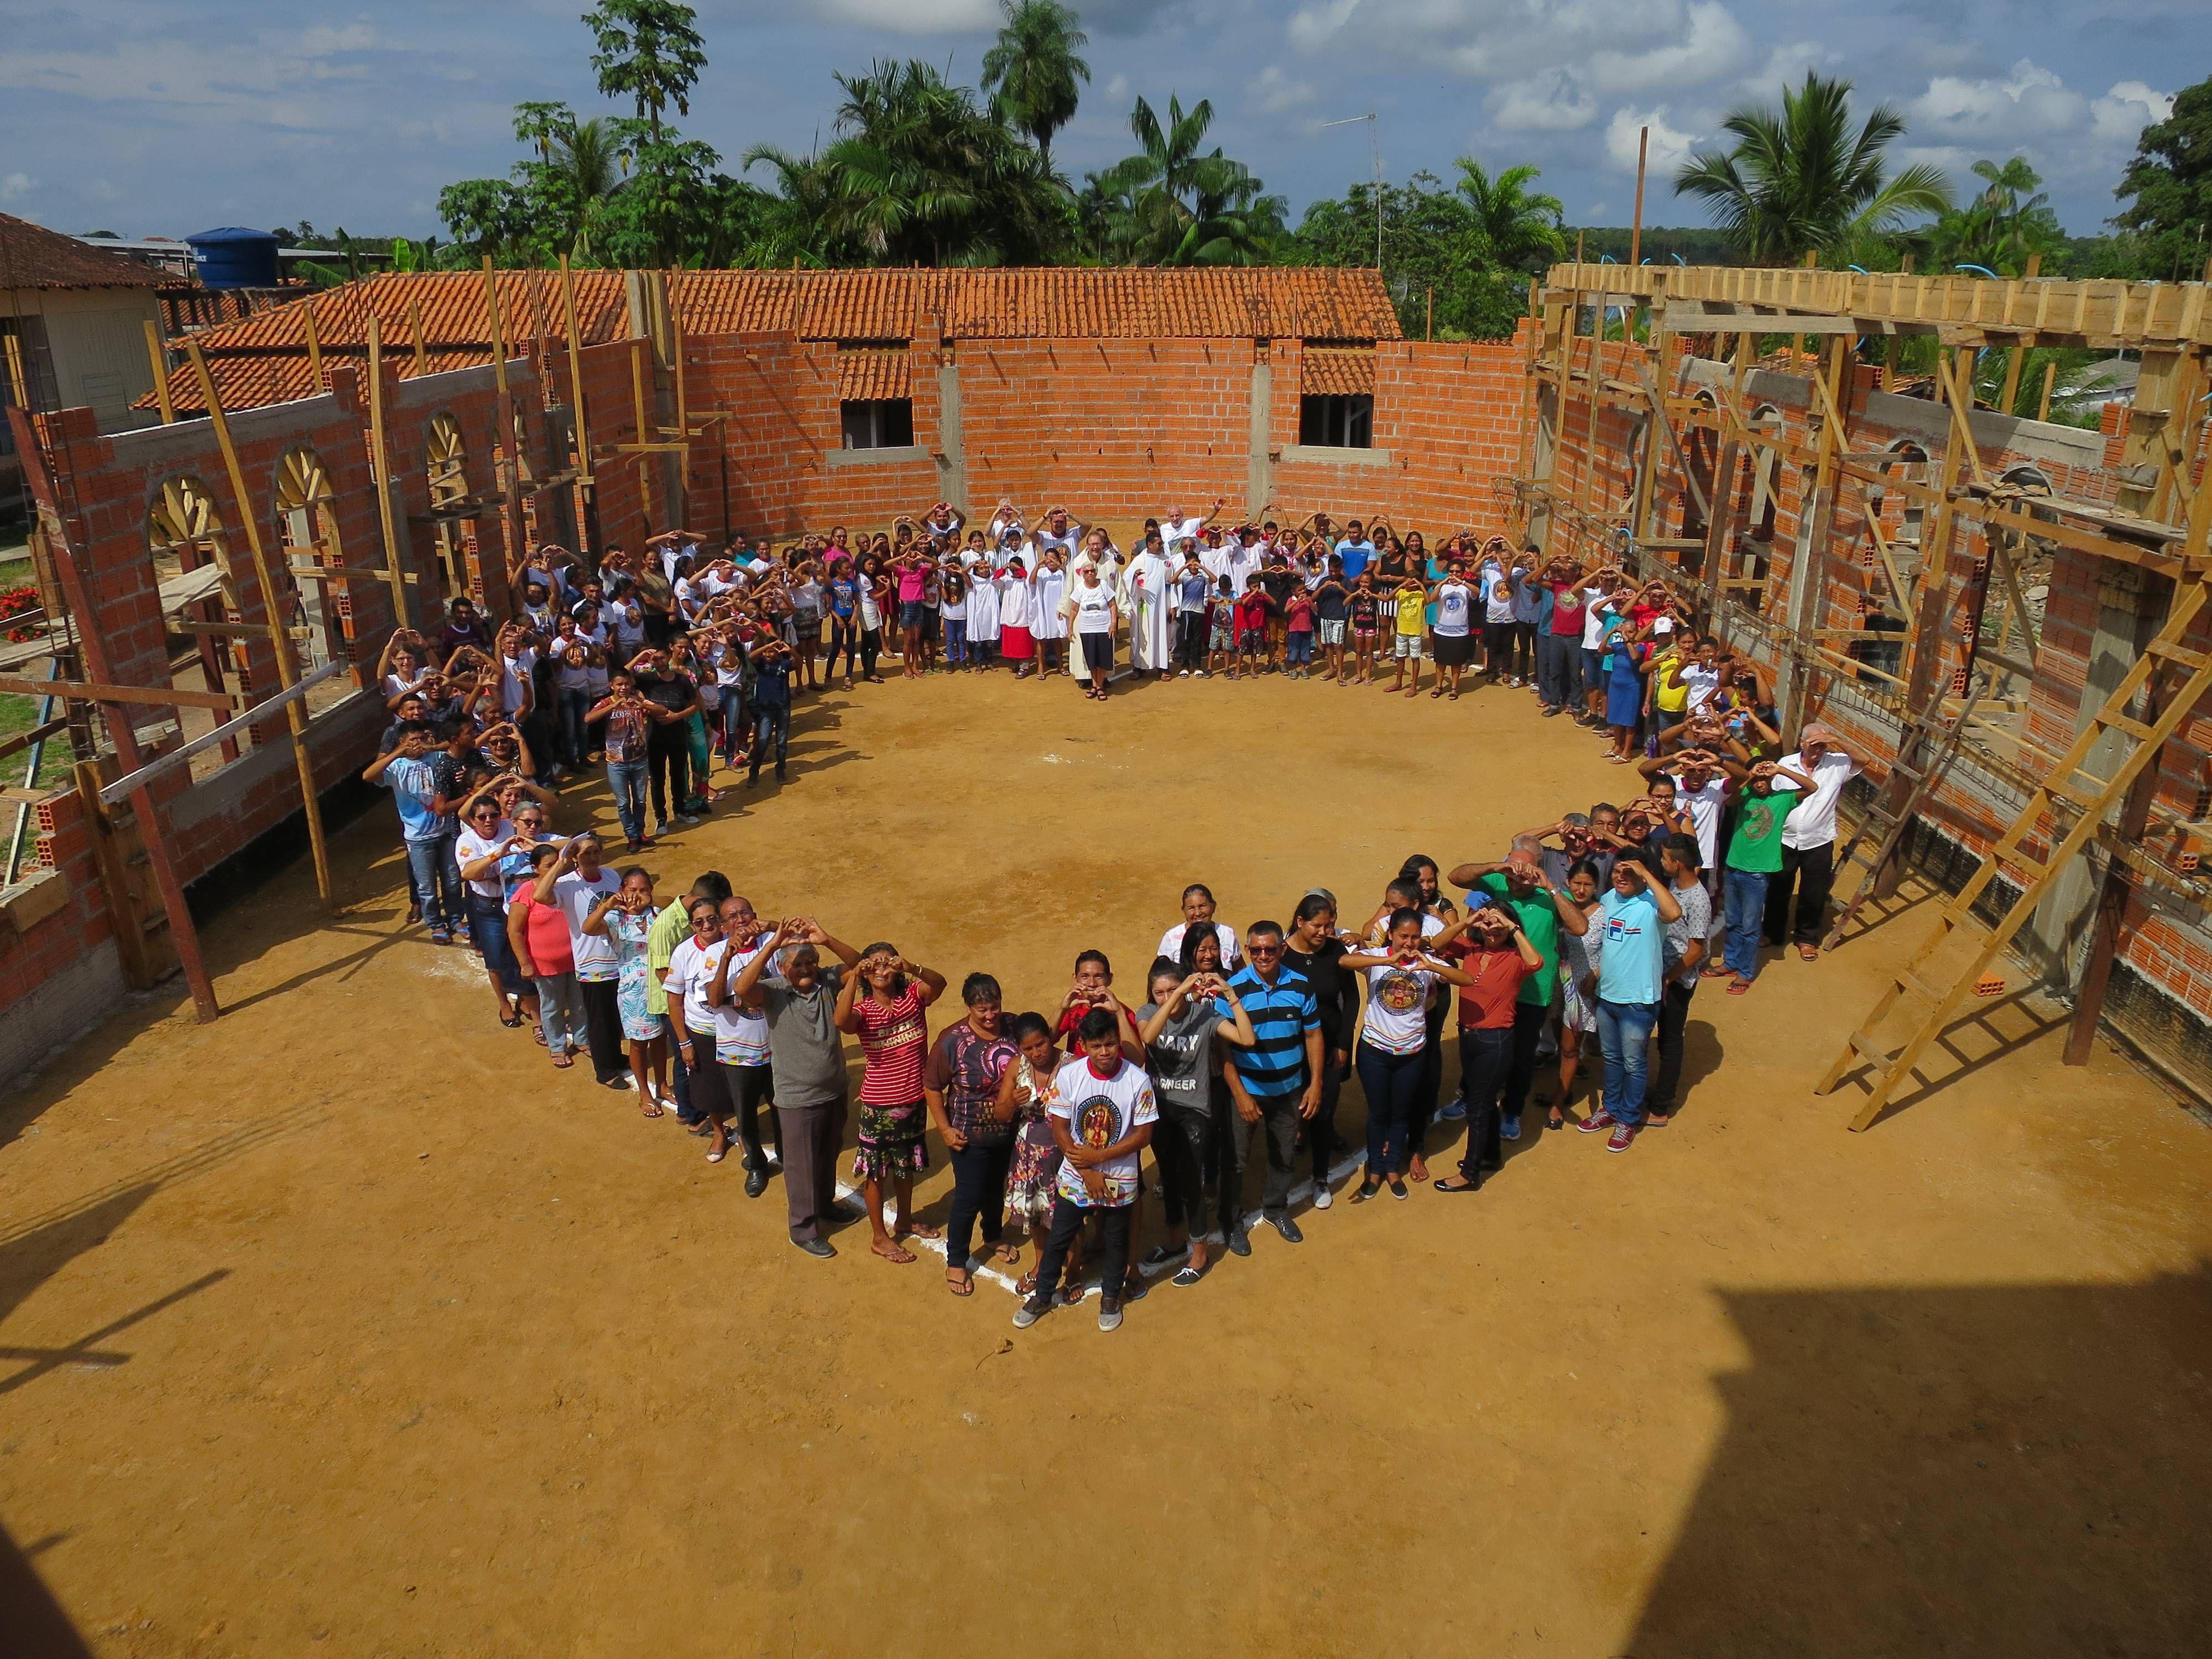 Nach dem Partnerschaftsgottesdienst stellten sich alle in der Kirchenbaustelle zu einem Herz auf. Die Kirche wird derzeit vergrößert, da sie die große Anzahl der Gläubigen nicht mehr fassen konnte